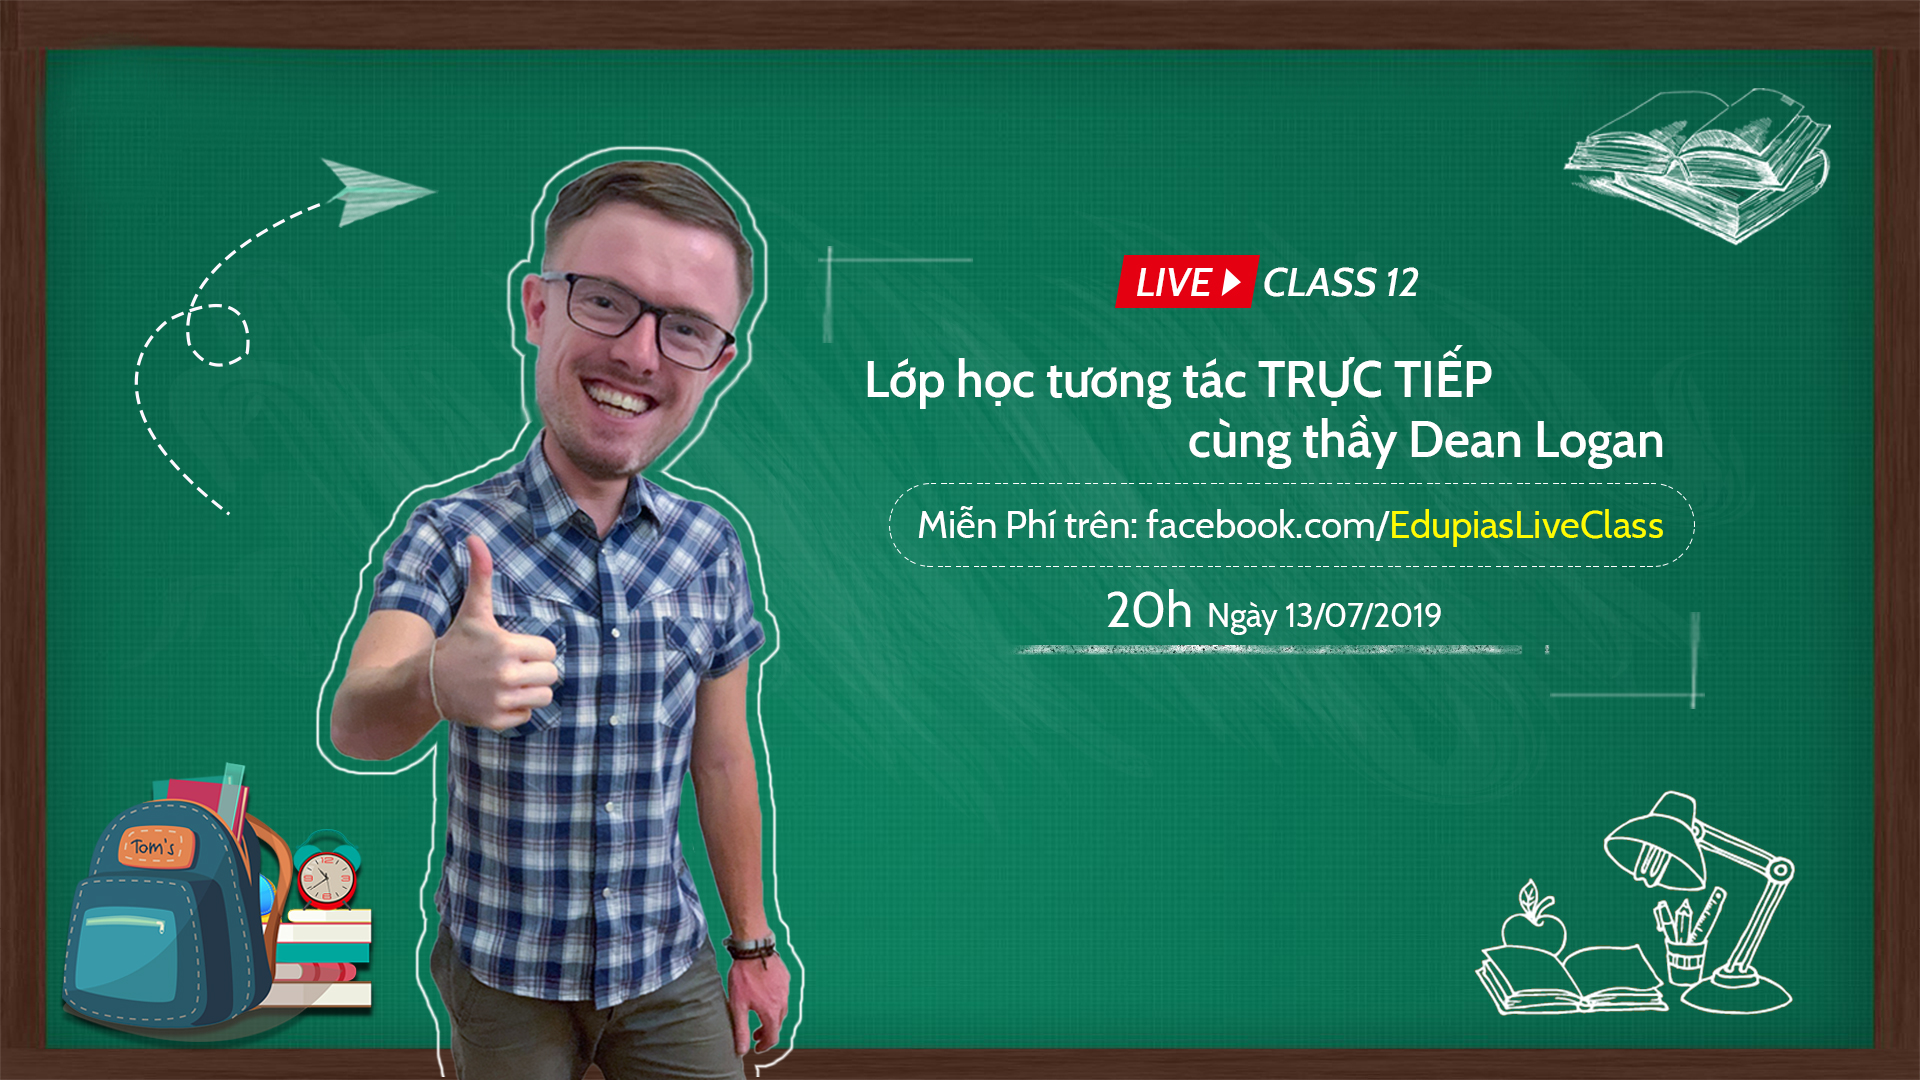 Live class tuần 12 - Chủ đề: